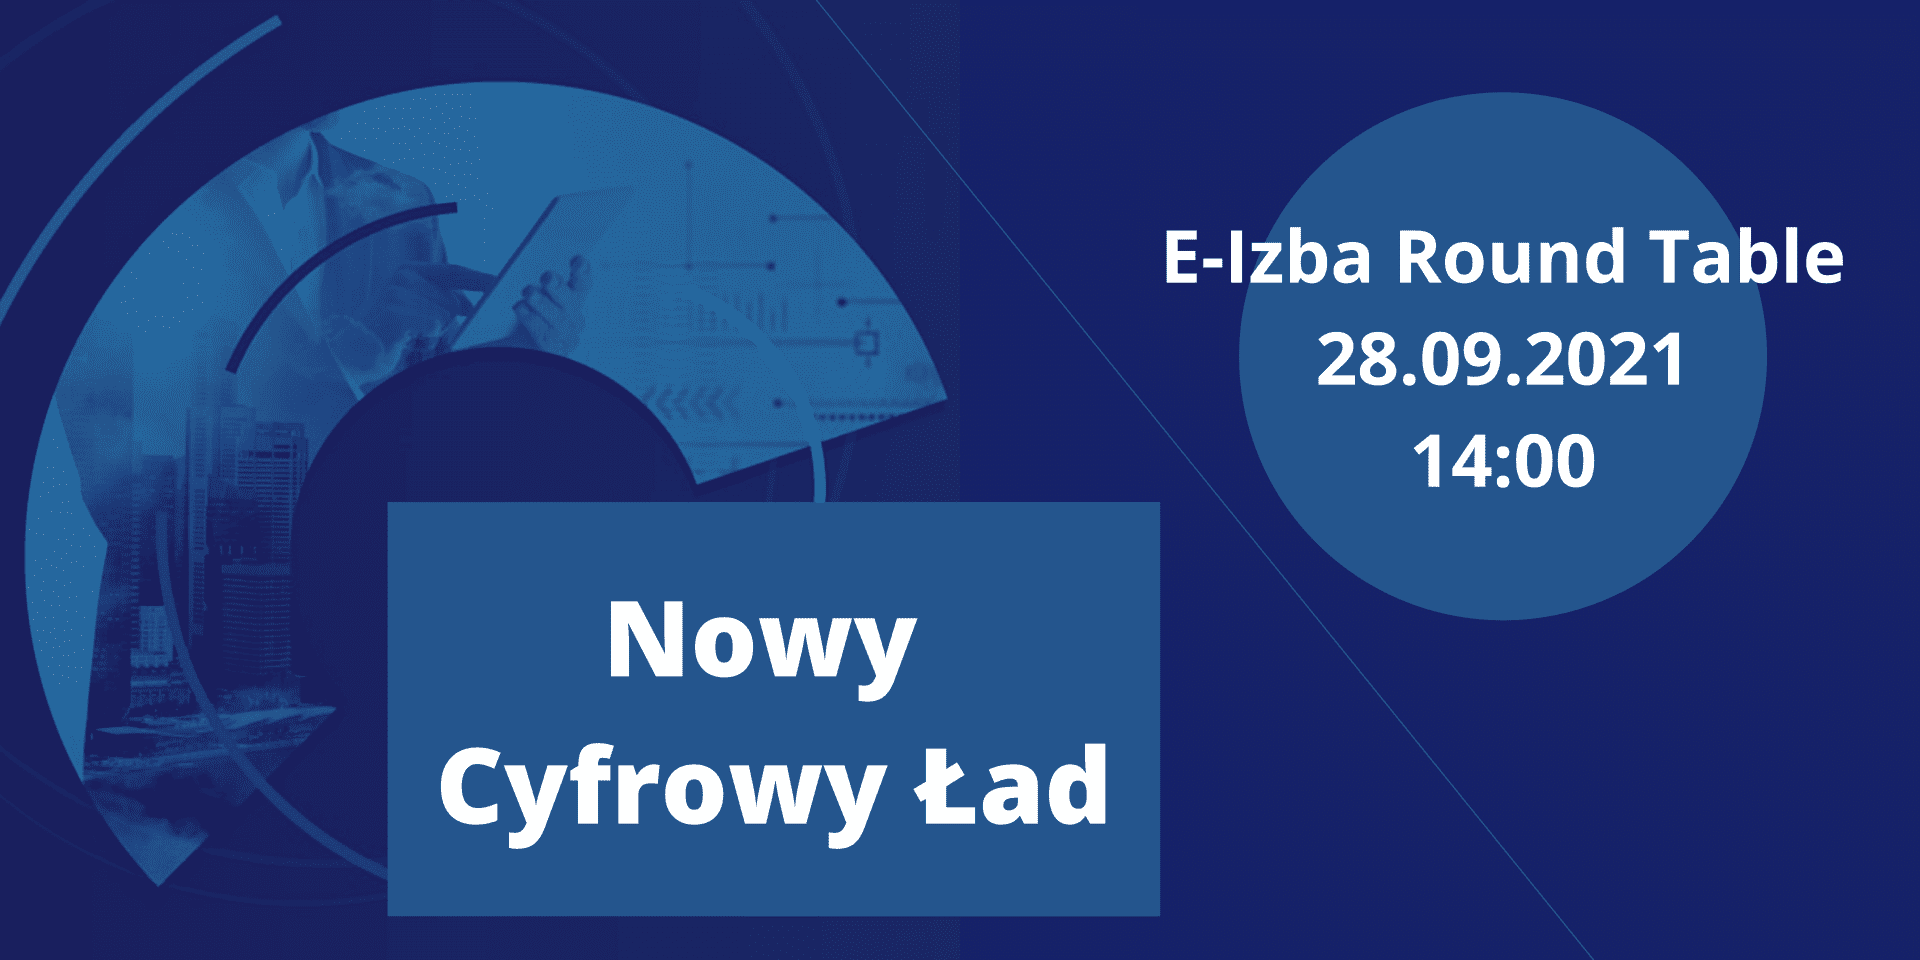 E-Izba Round Table-Nowy Cyfrowy Ład